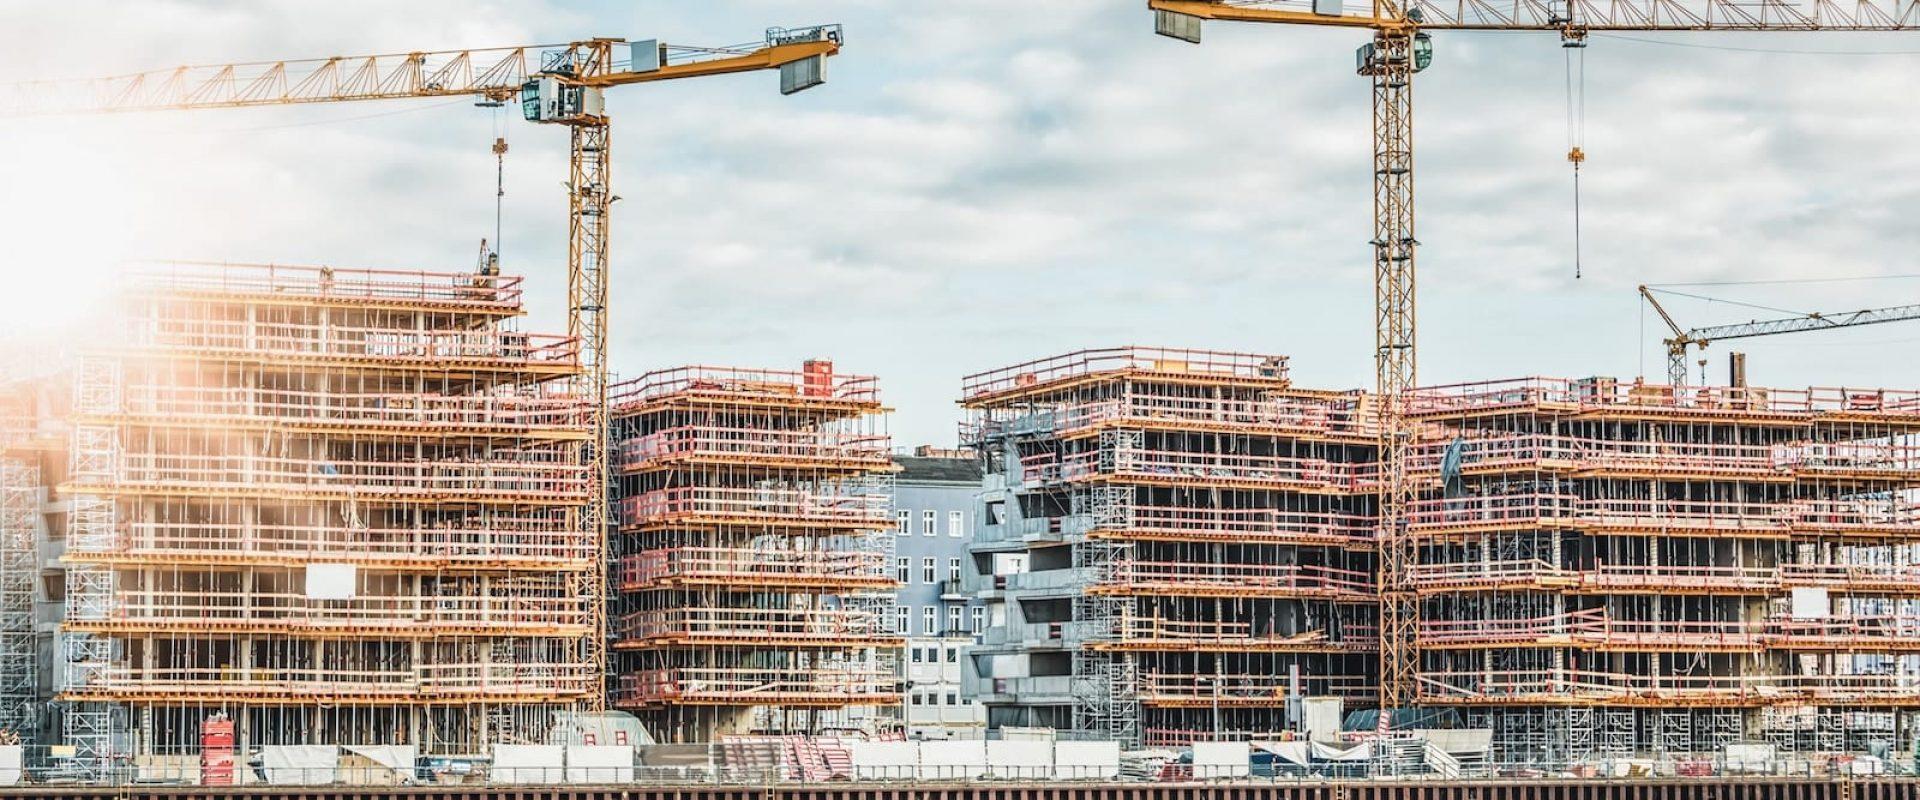 Viser høye bygg som er under konstruksjon. Byggene er dekket av stillas og det er kraner på byggeplassen.